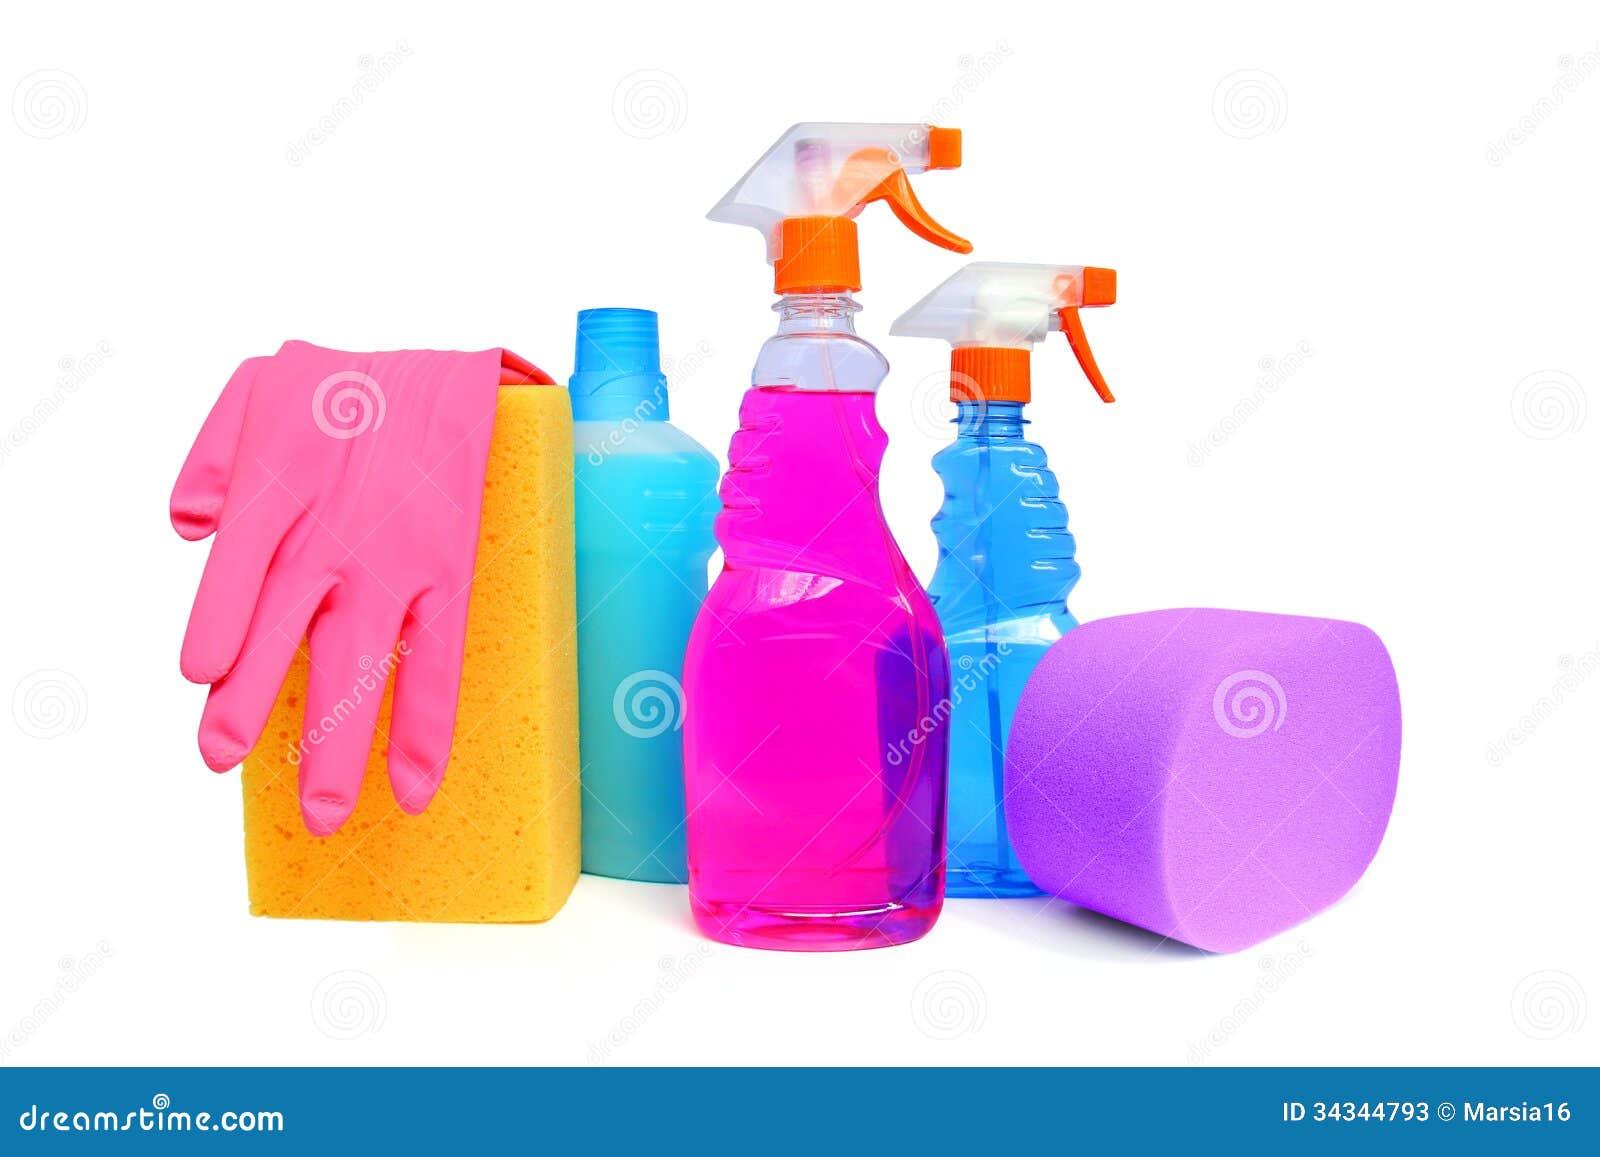 Fontes de limpeza